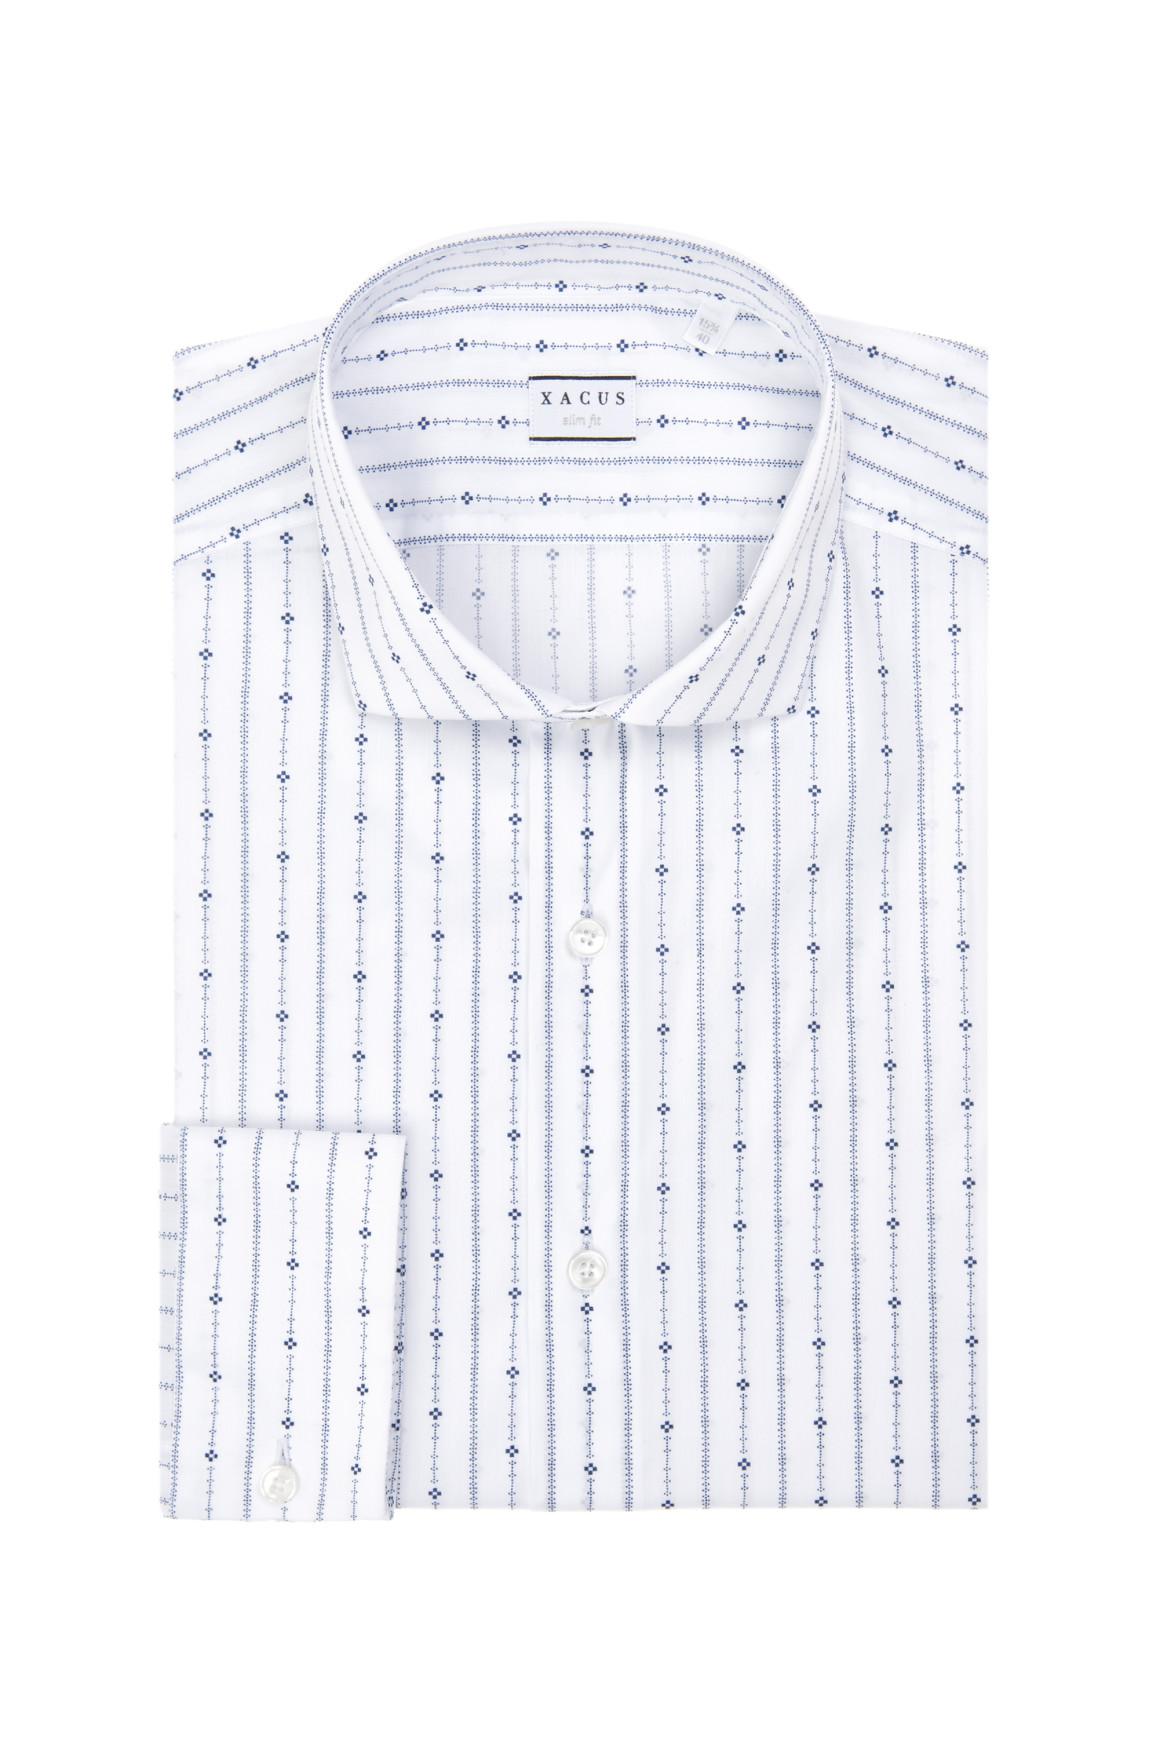 230d83dd10 Camicie uomo Xacus primavera estate 2016 - Il blog del Marchese